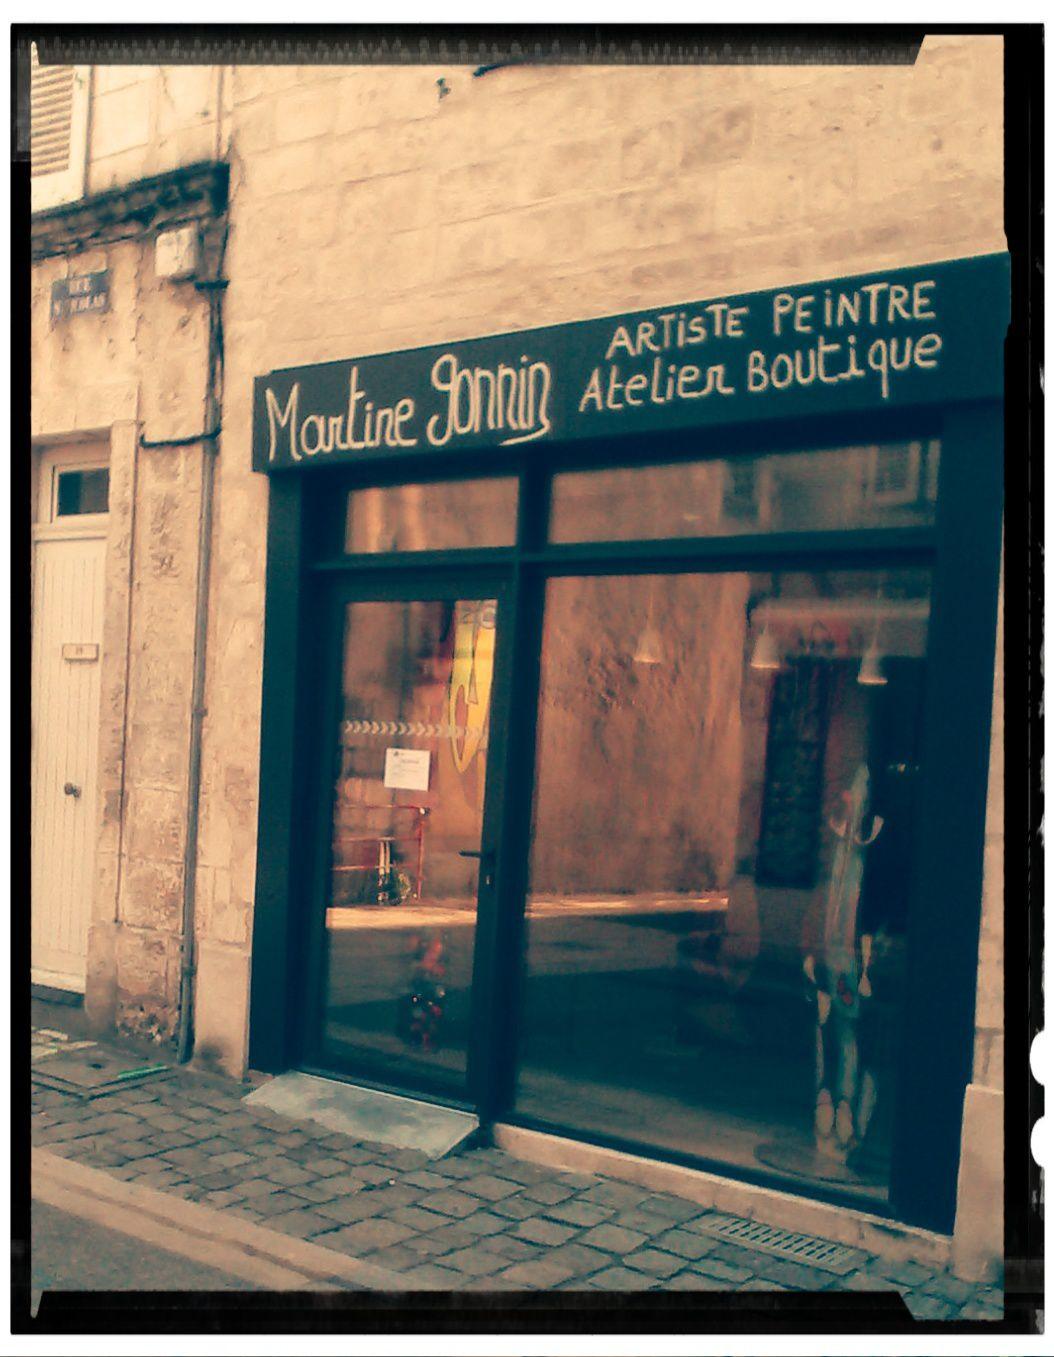 atelier boutique artiste peintre la rochelle le blog